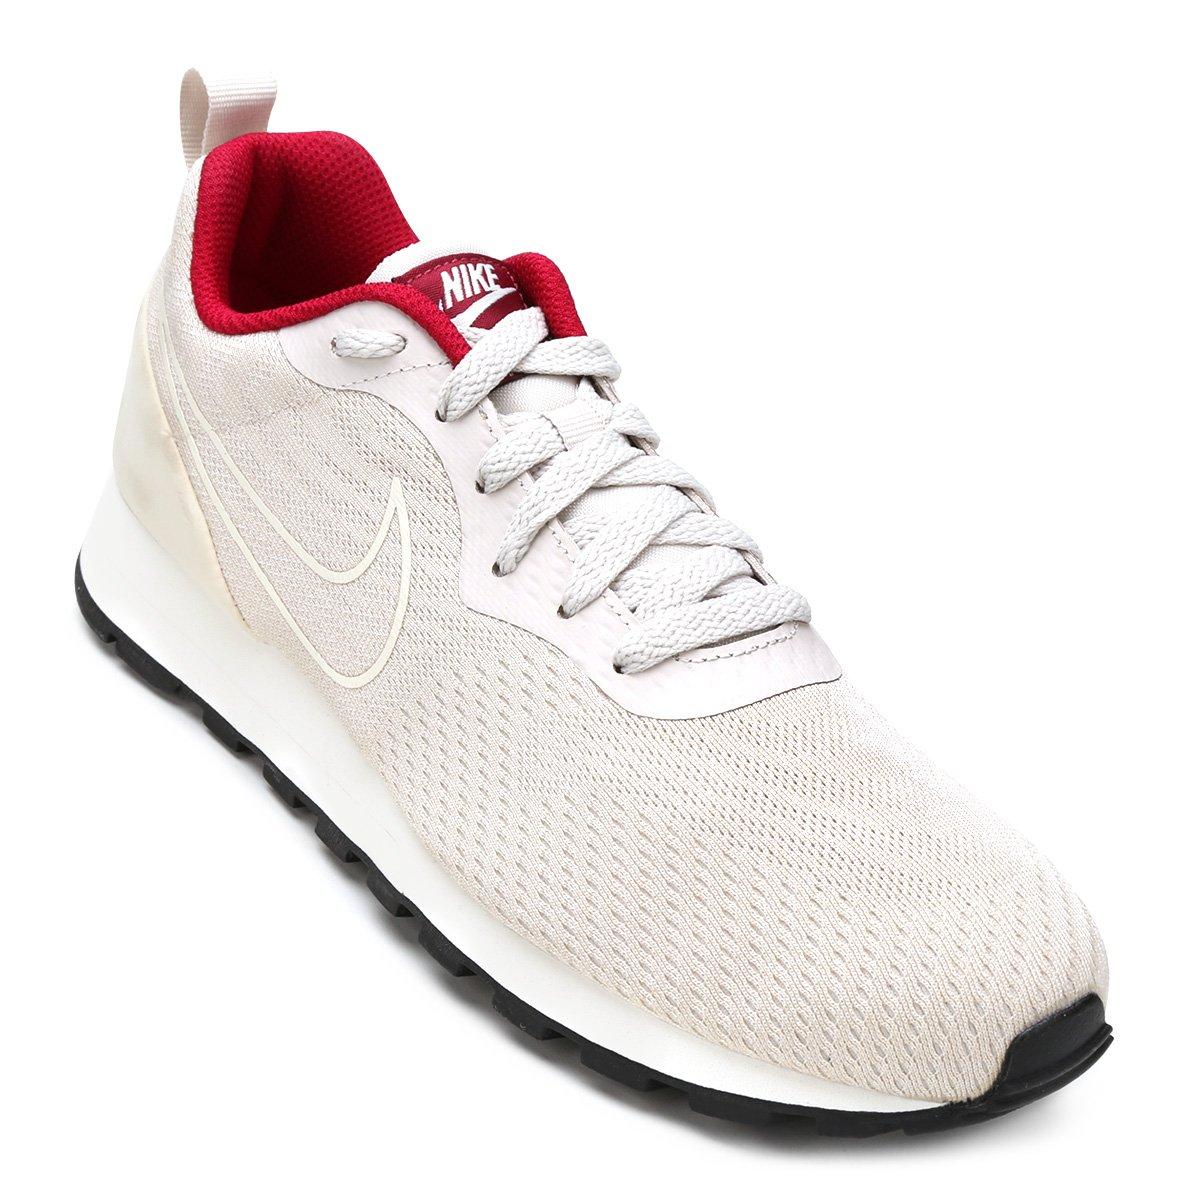 ed03e77b80 Tênis Nike Md Runner 2 Eng Mesh Feminino - Gelo e Vermelho - Compre Agora